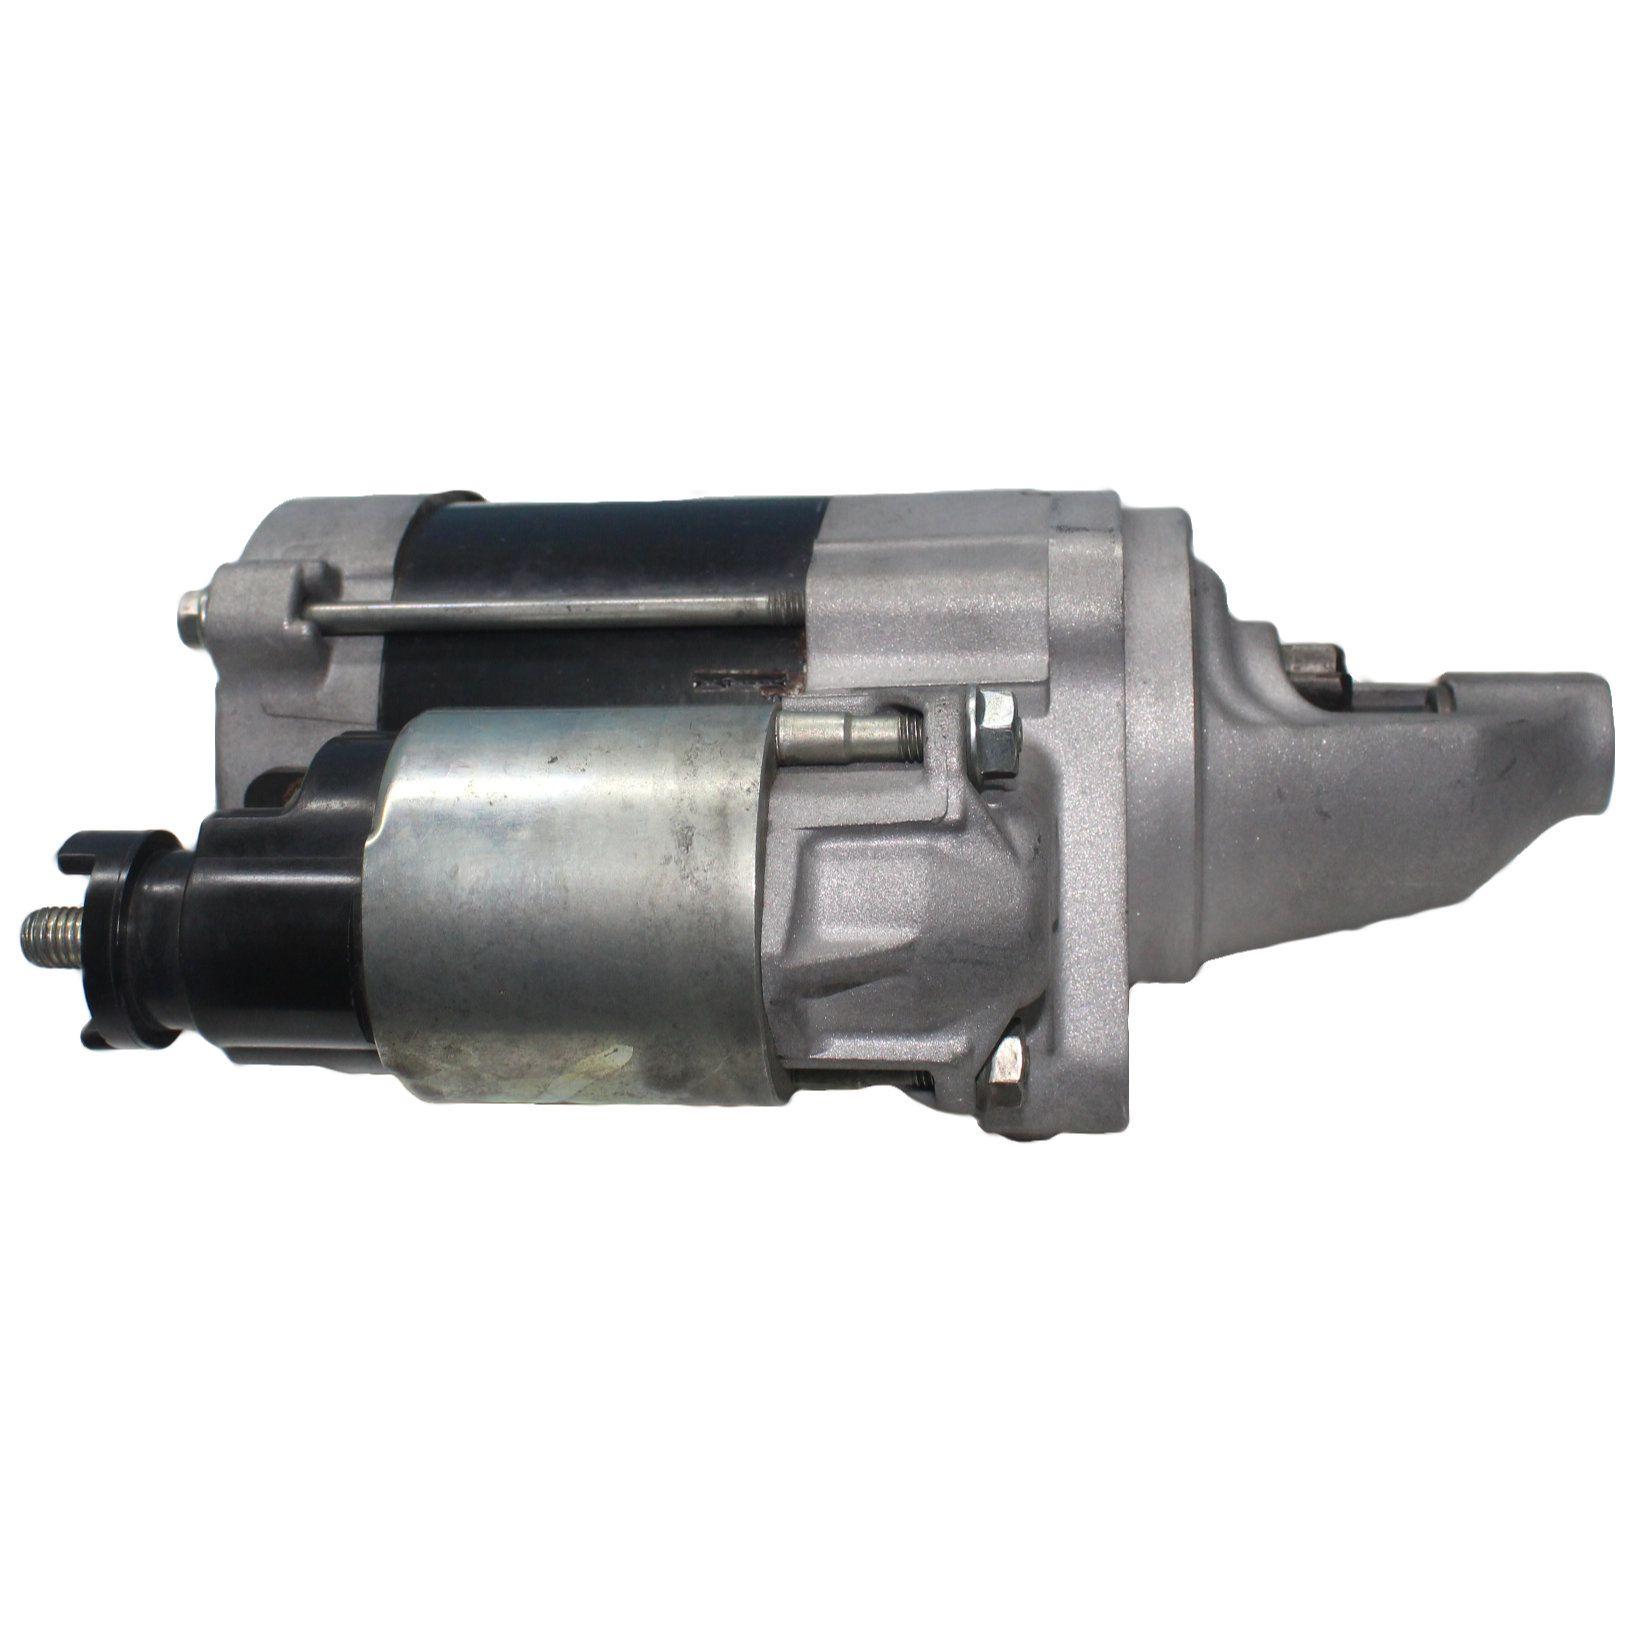 Motor de Arranque Partida Honda Fit 1.4 03...08 c/ Cambio Manual 4280000950